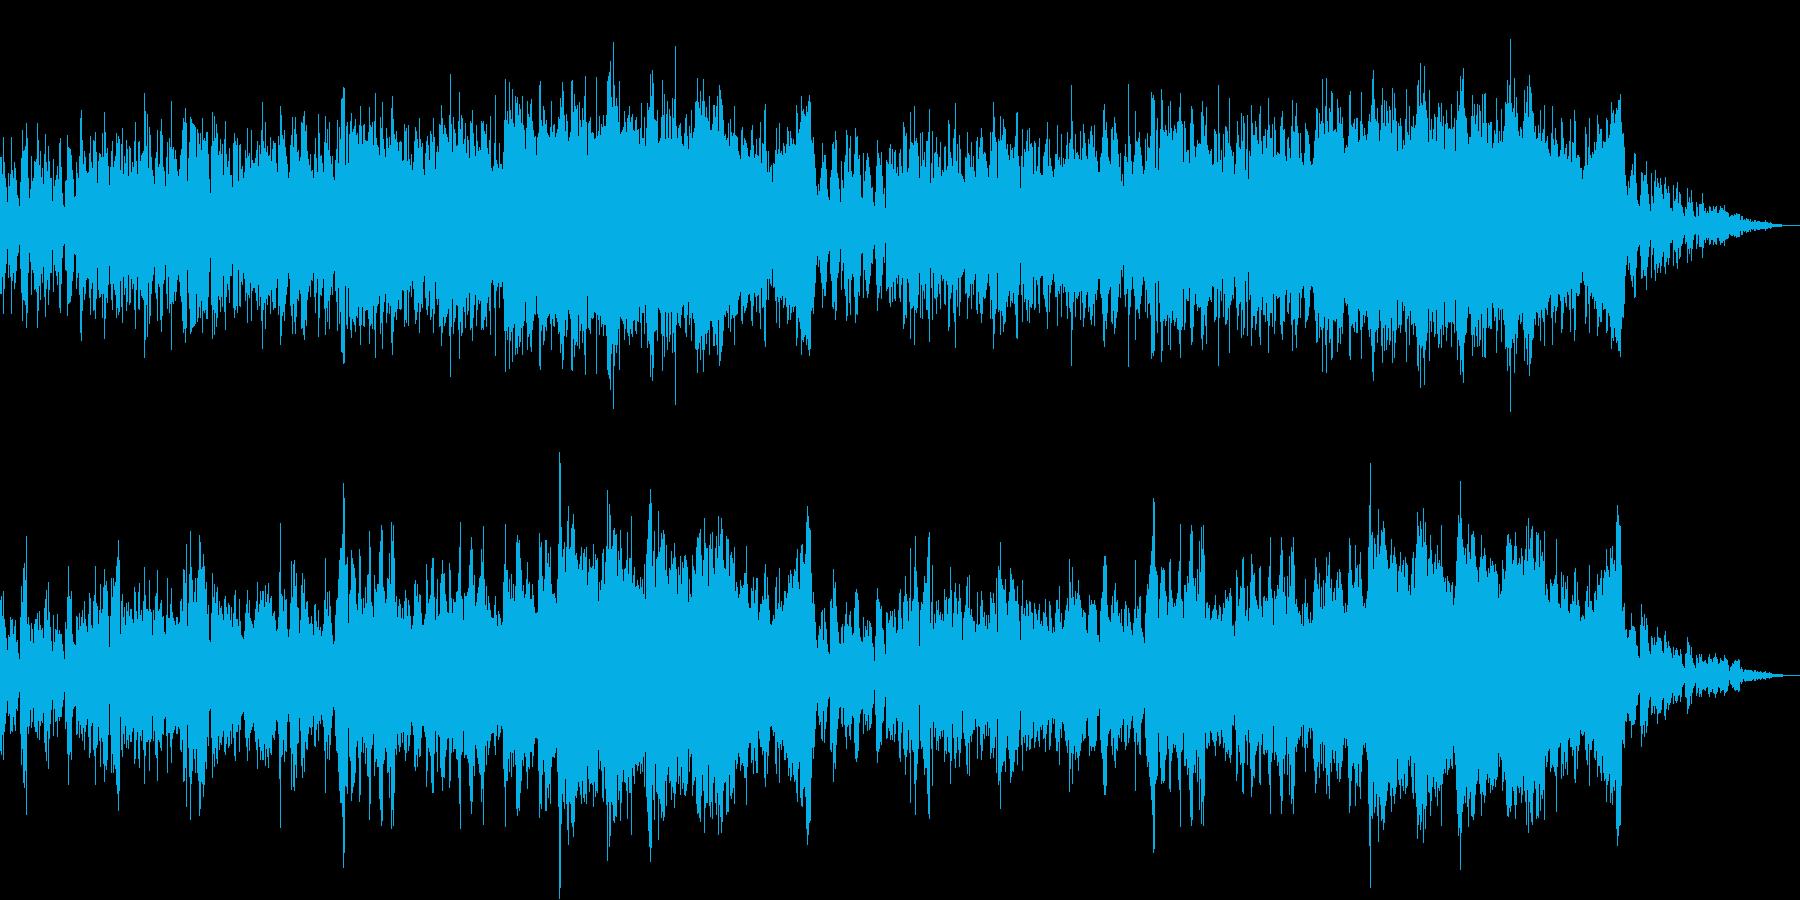 チュートリアル画面に適したオーケストラ曲の再生済みの波形